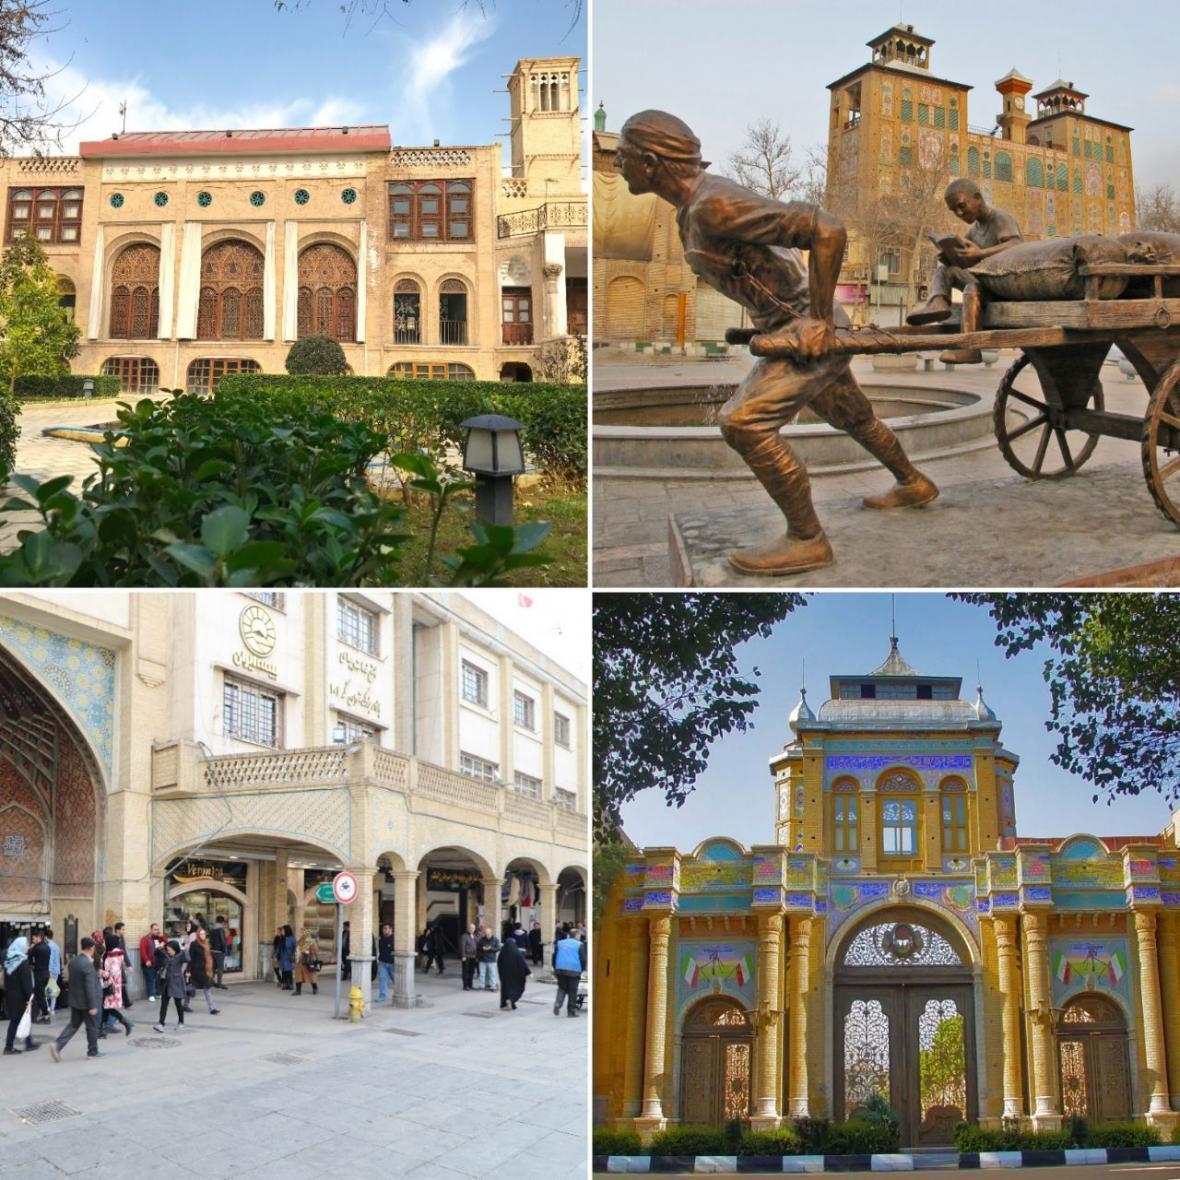 هفته تهران با شعار مکتب تهران در قلب طهران